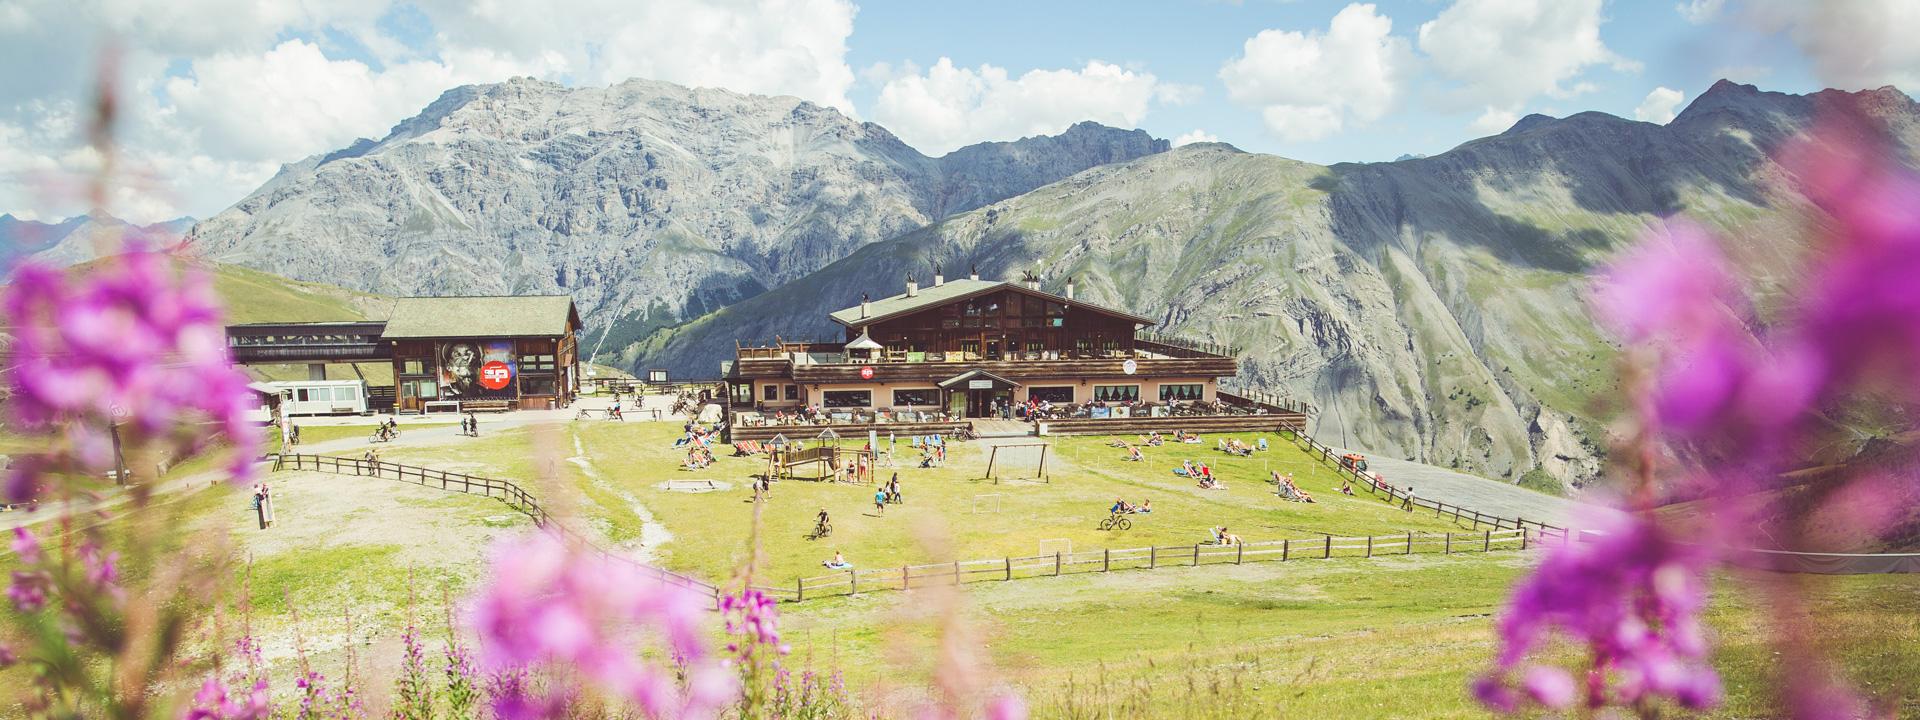 Panoramica del rifugio M'eating Point al Mottolino di Livigno